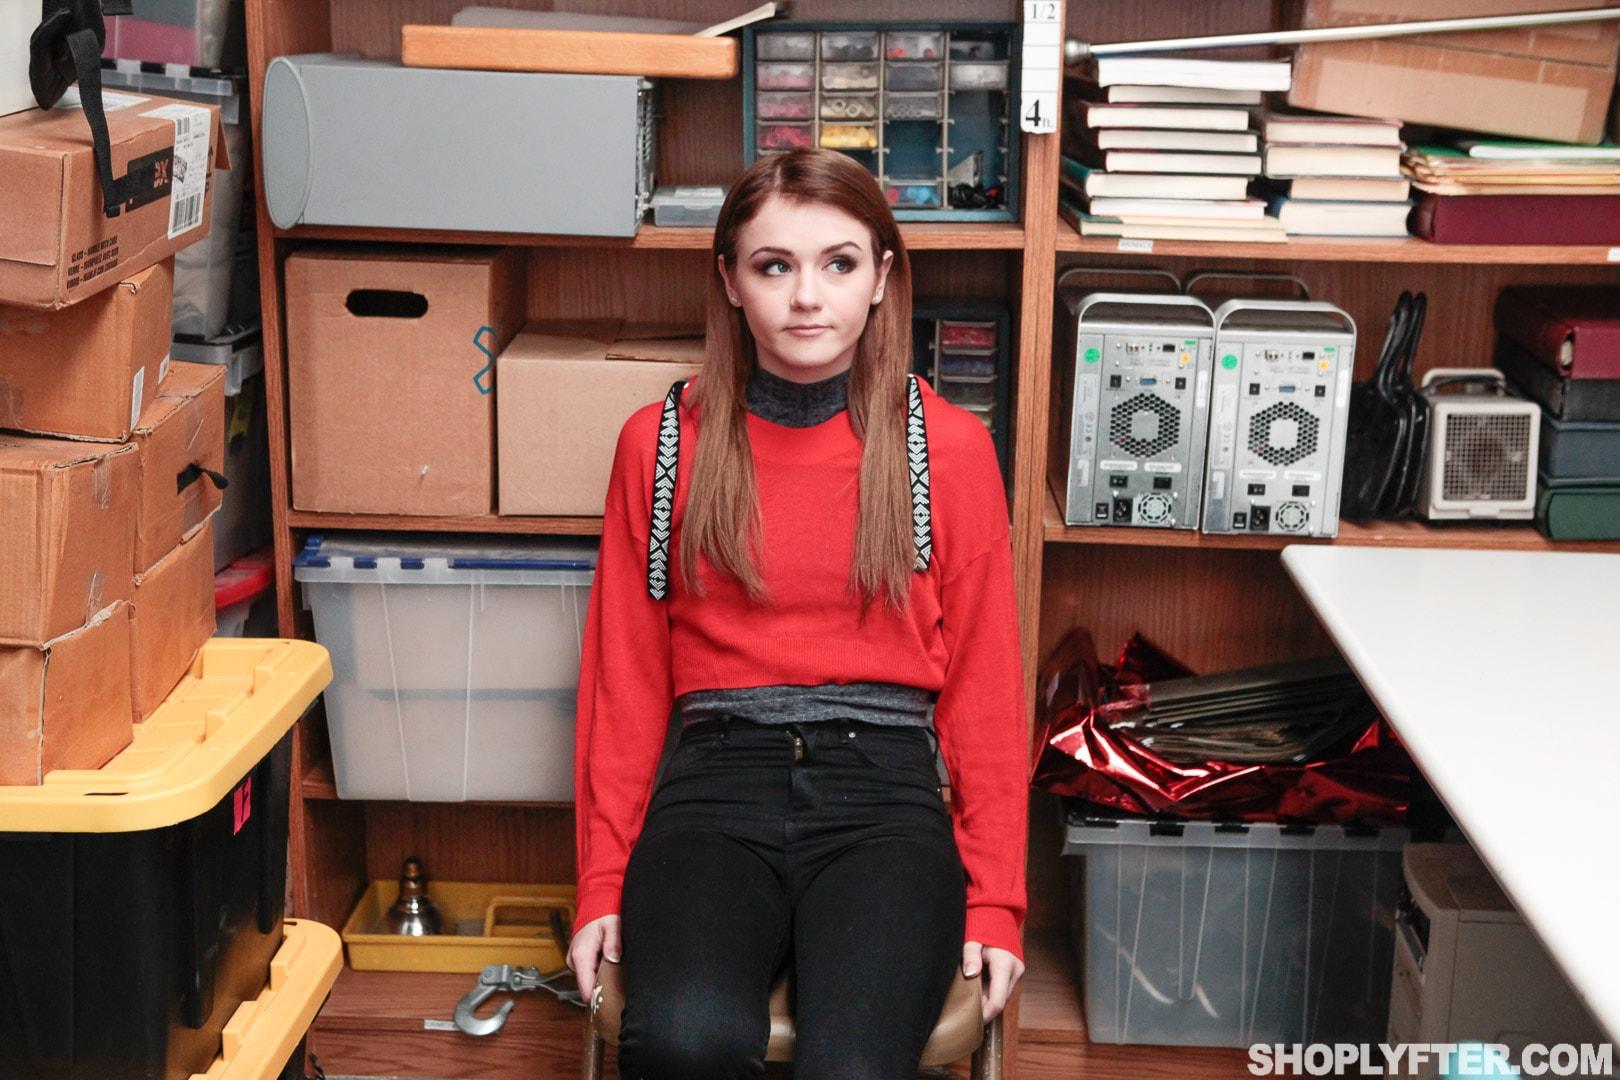 Team Skeet 'Case No. 2463827' starring Rosalyn Sphinx (Photo 1)